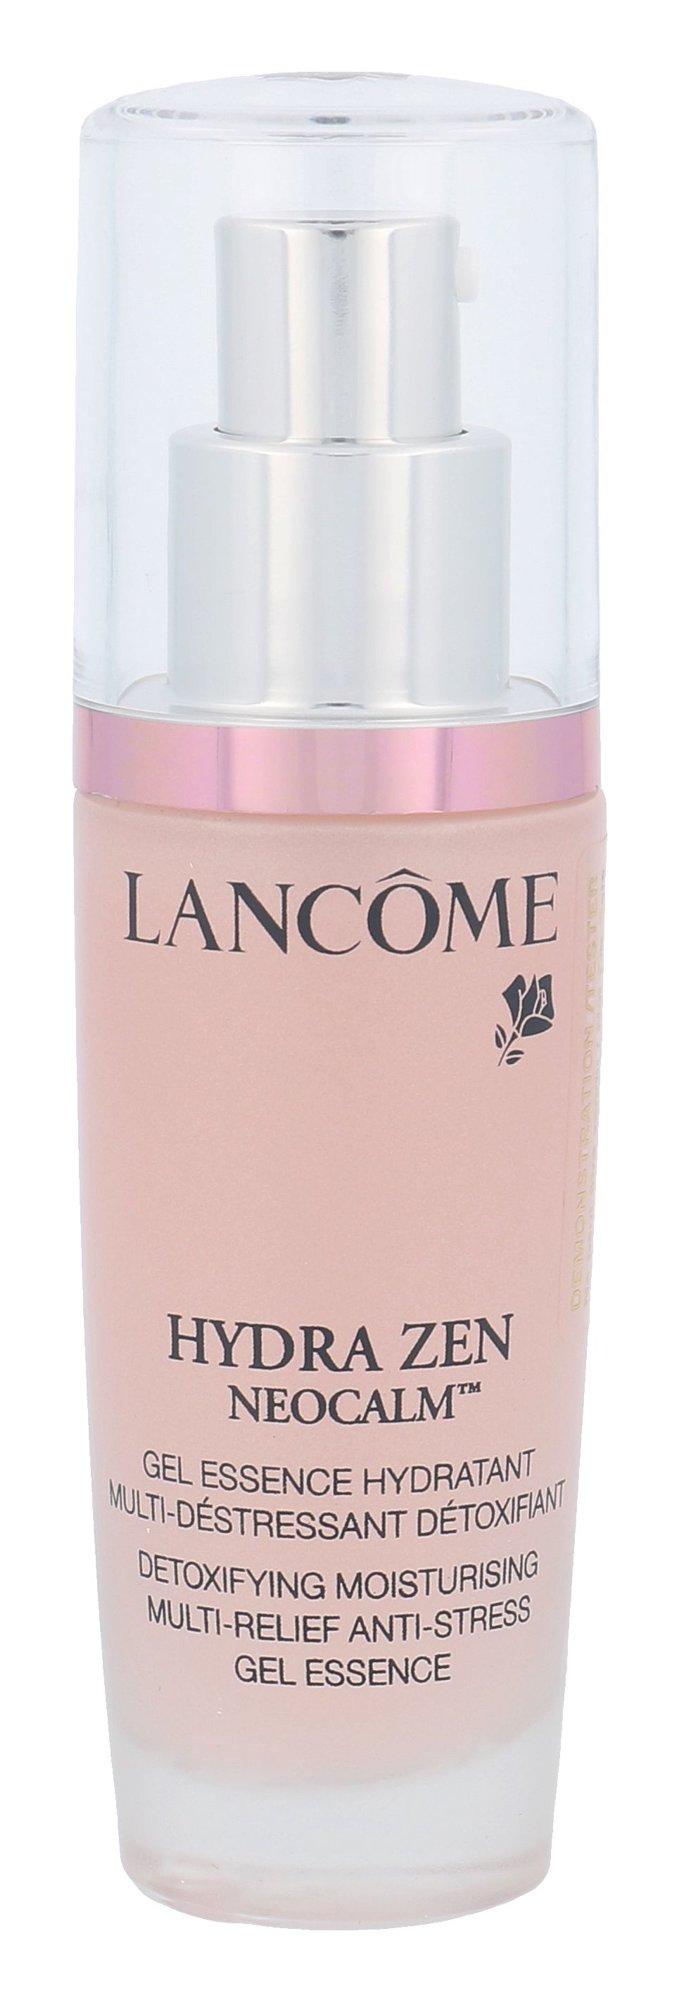 Lancôme Hydra Zen Cosmetic 30ml